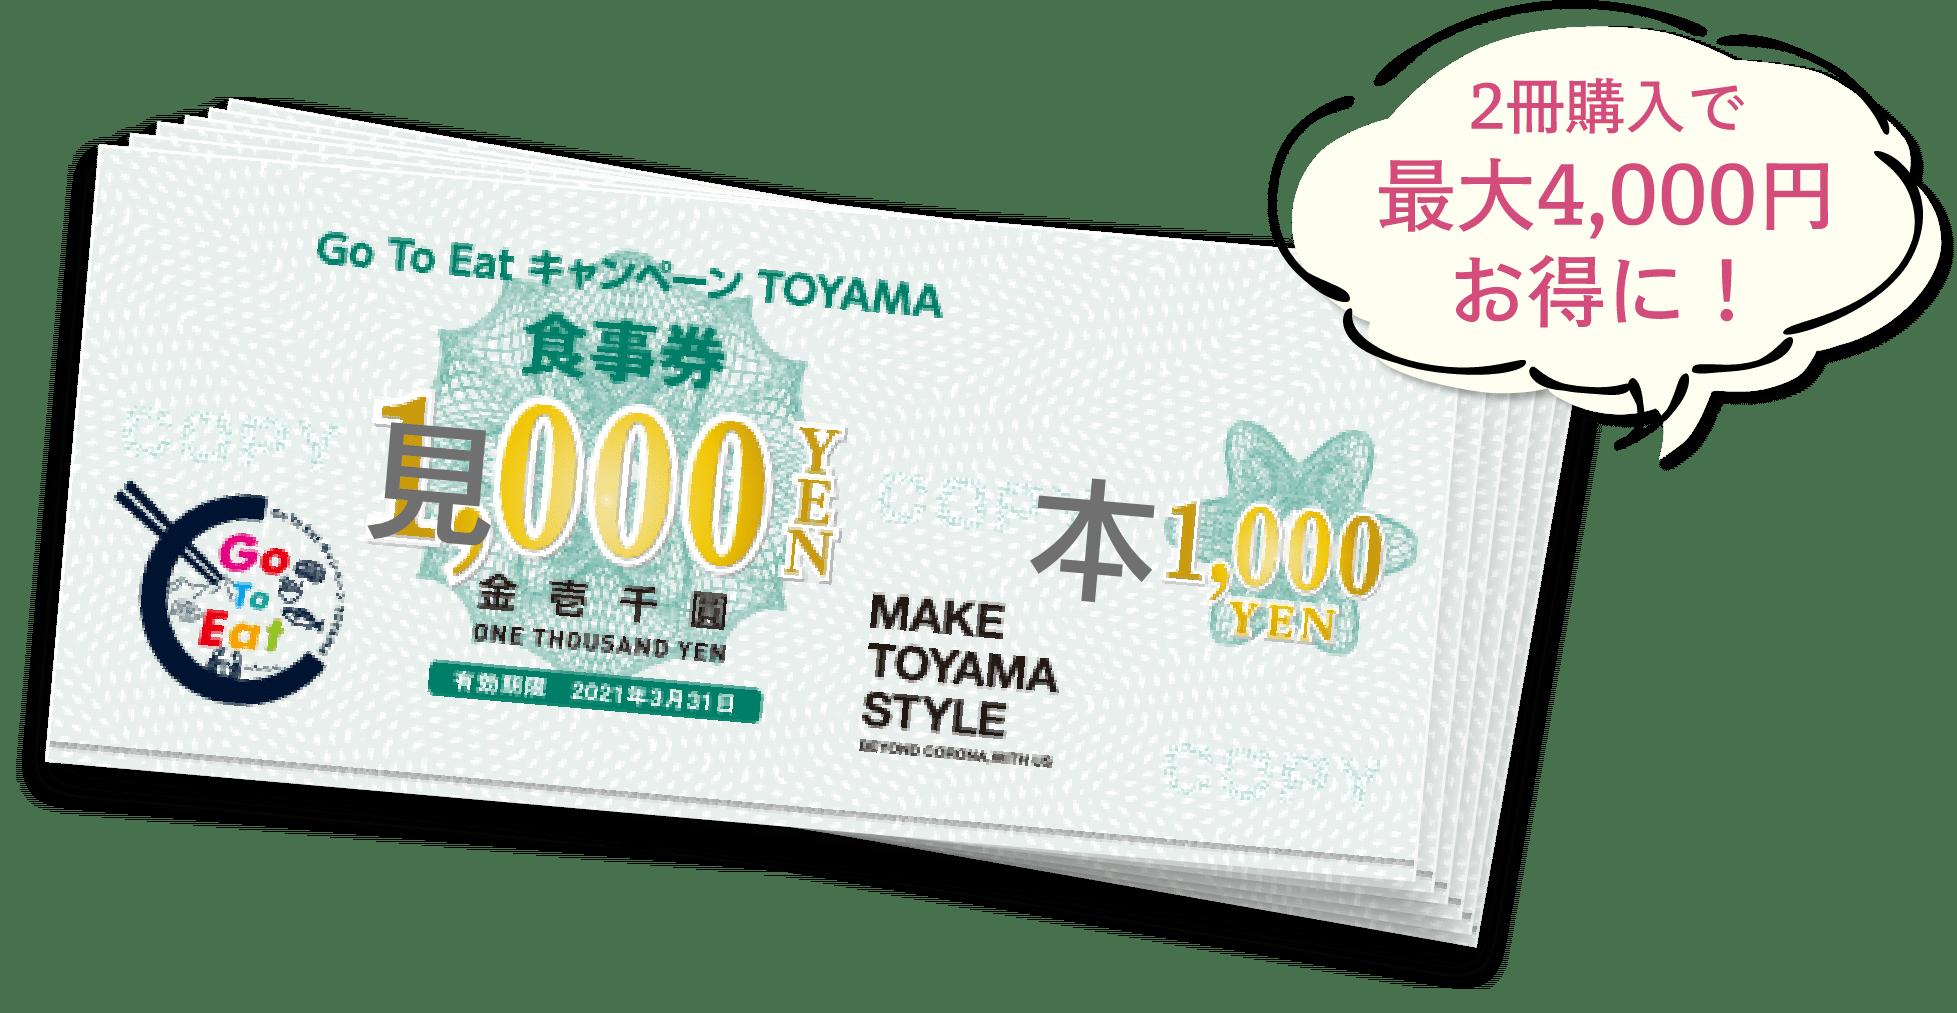 富山県GoToイートプレミアム付き食事券